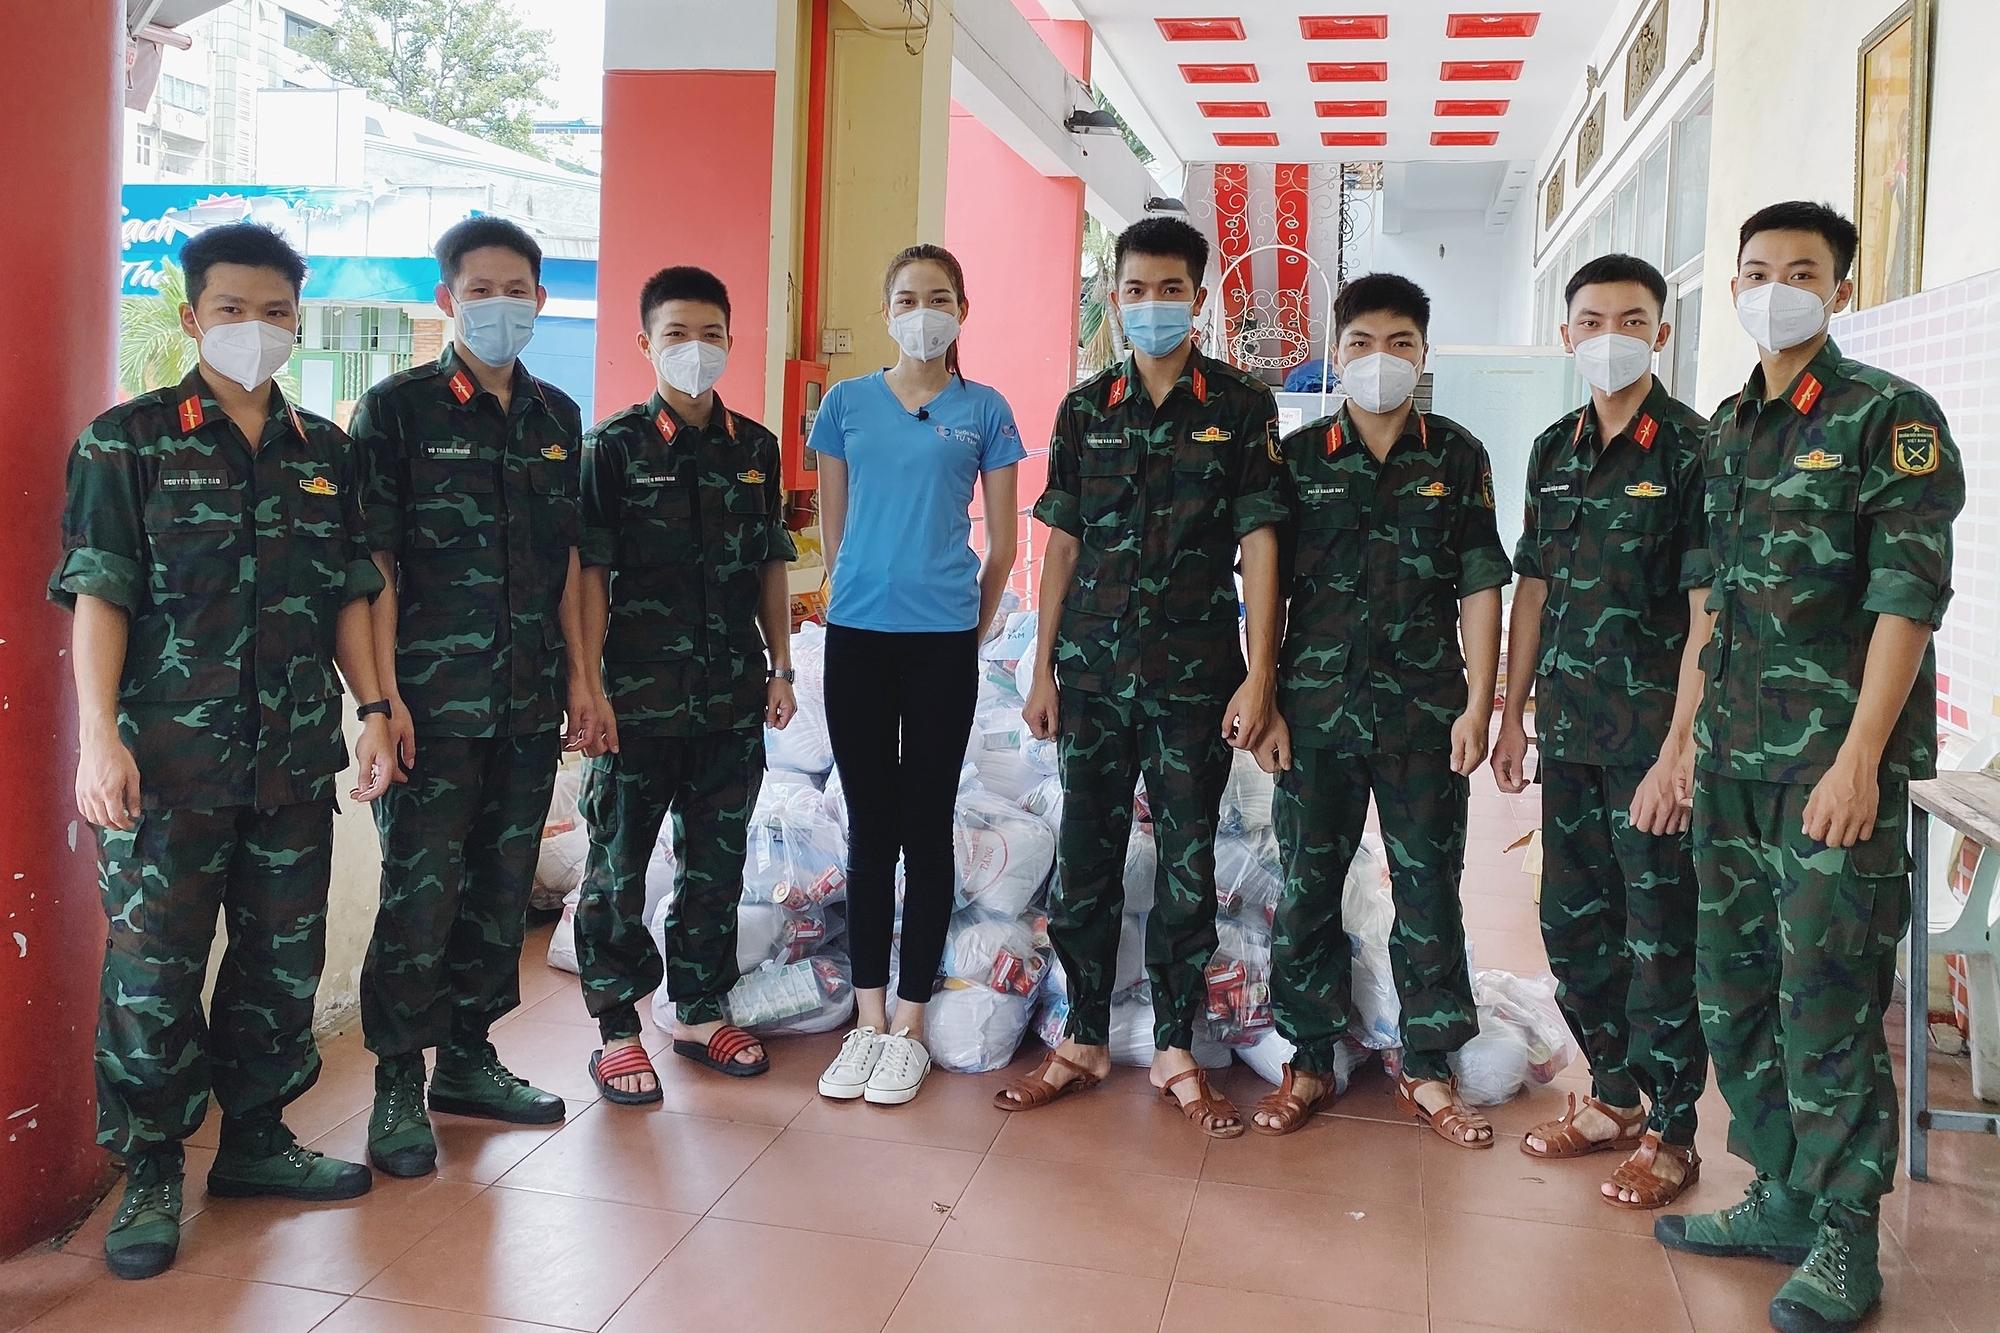 Hoa hậu Đỗ Thị Hà cứu trợ người nghèo - 8